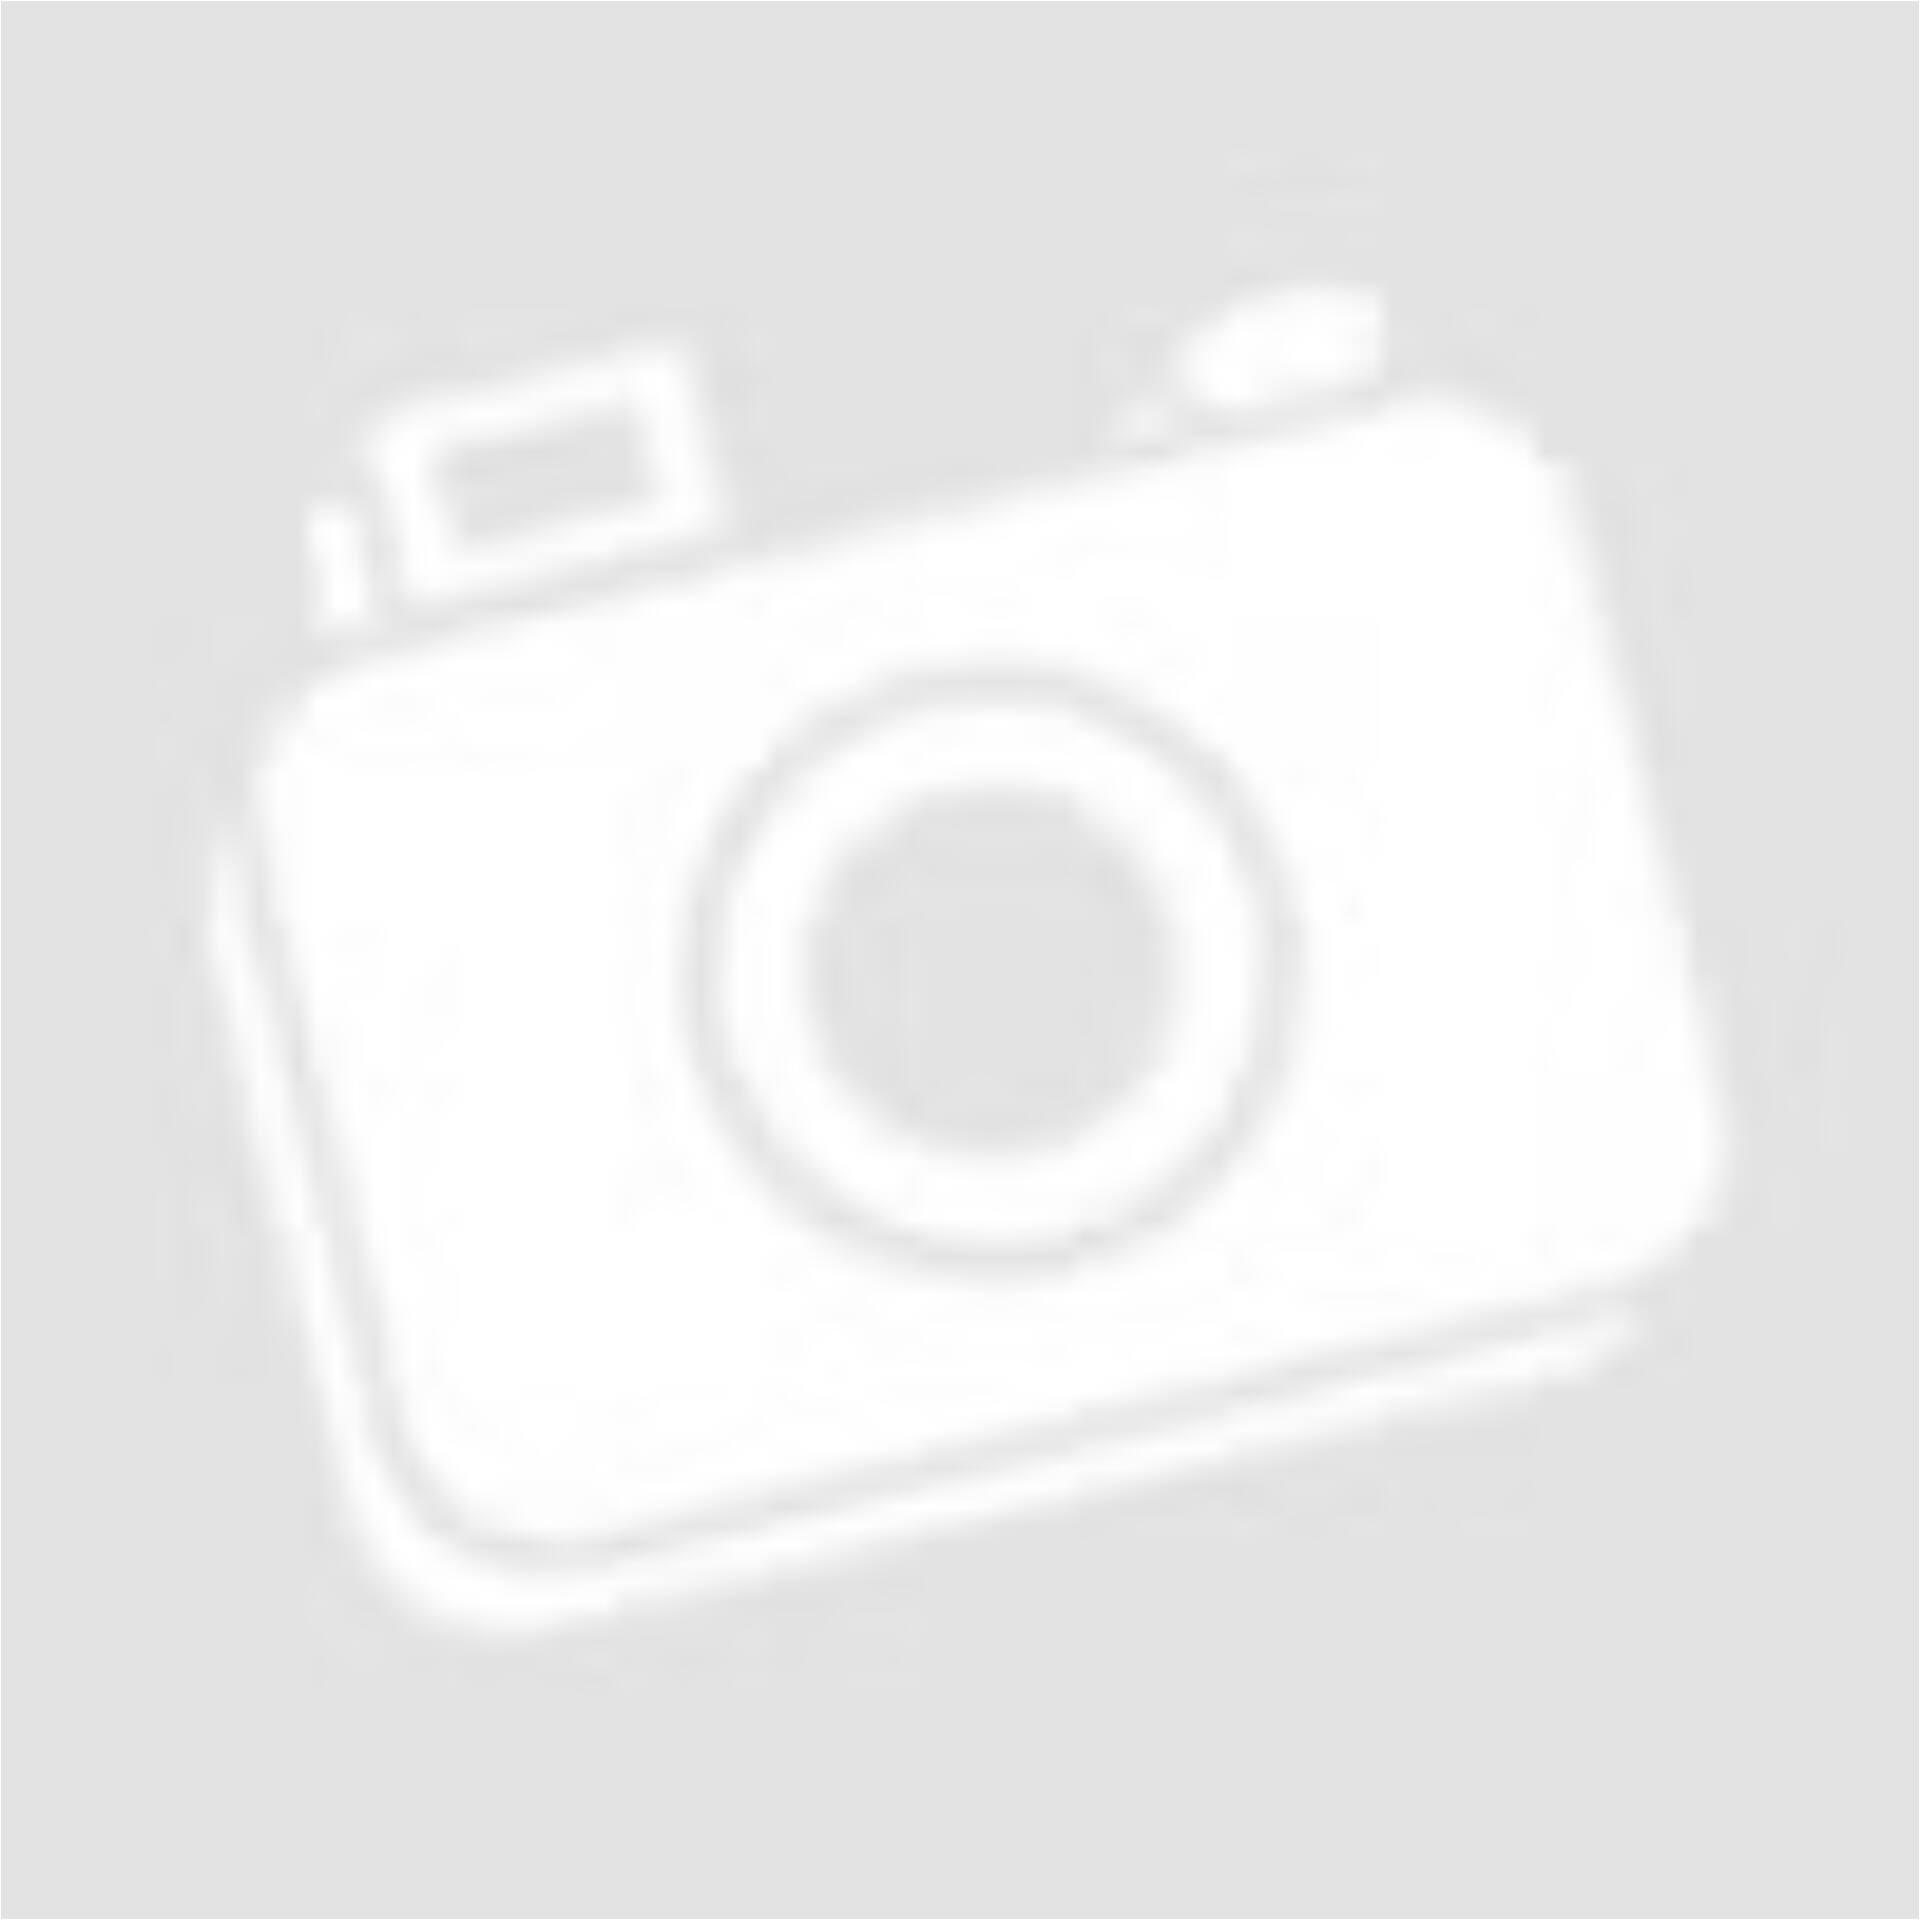 5908dcc405 RIVER ISLAND kék ruha (Méret: XS) - Ruha mindennapokra - Öltözz ki ...